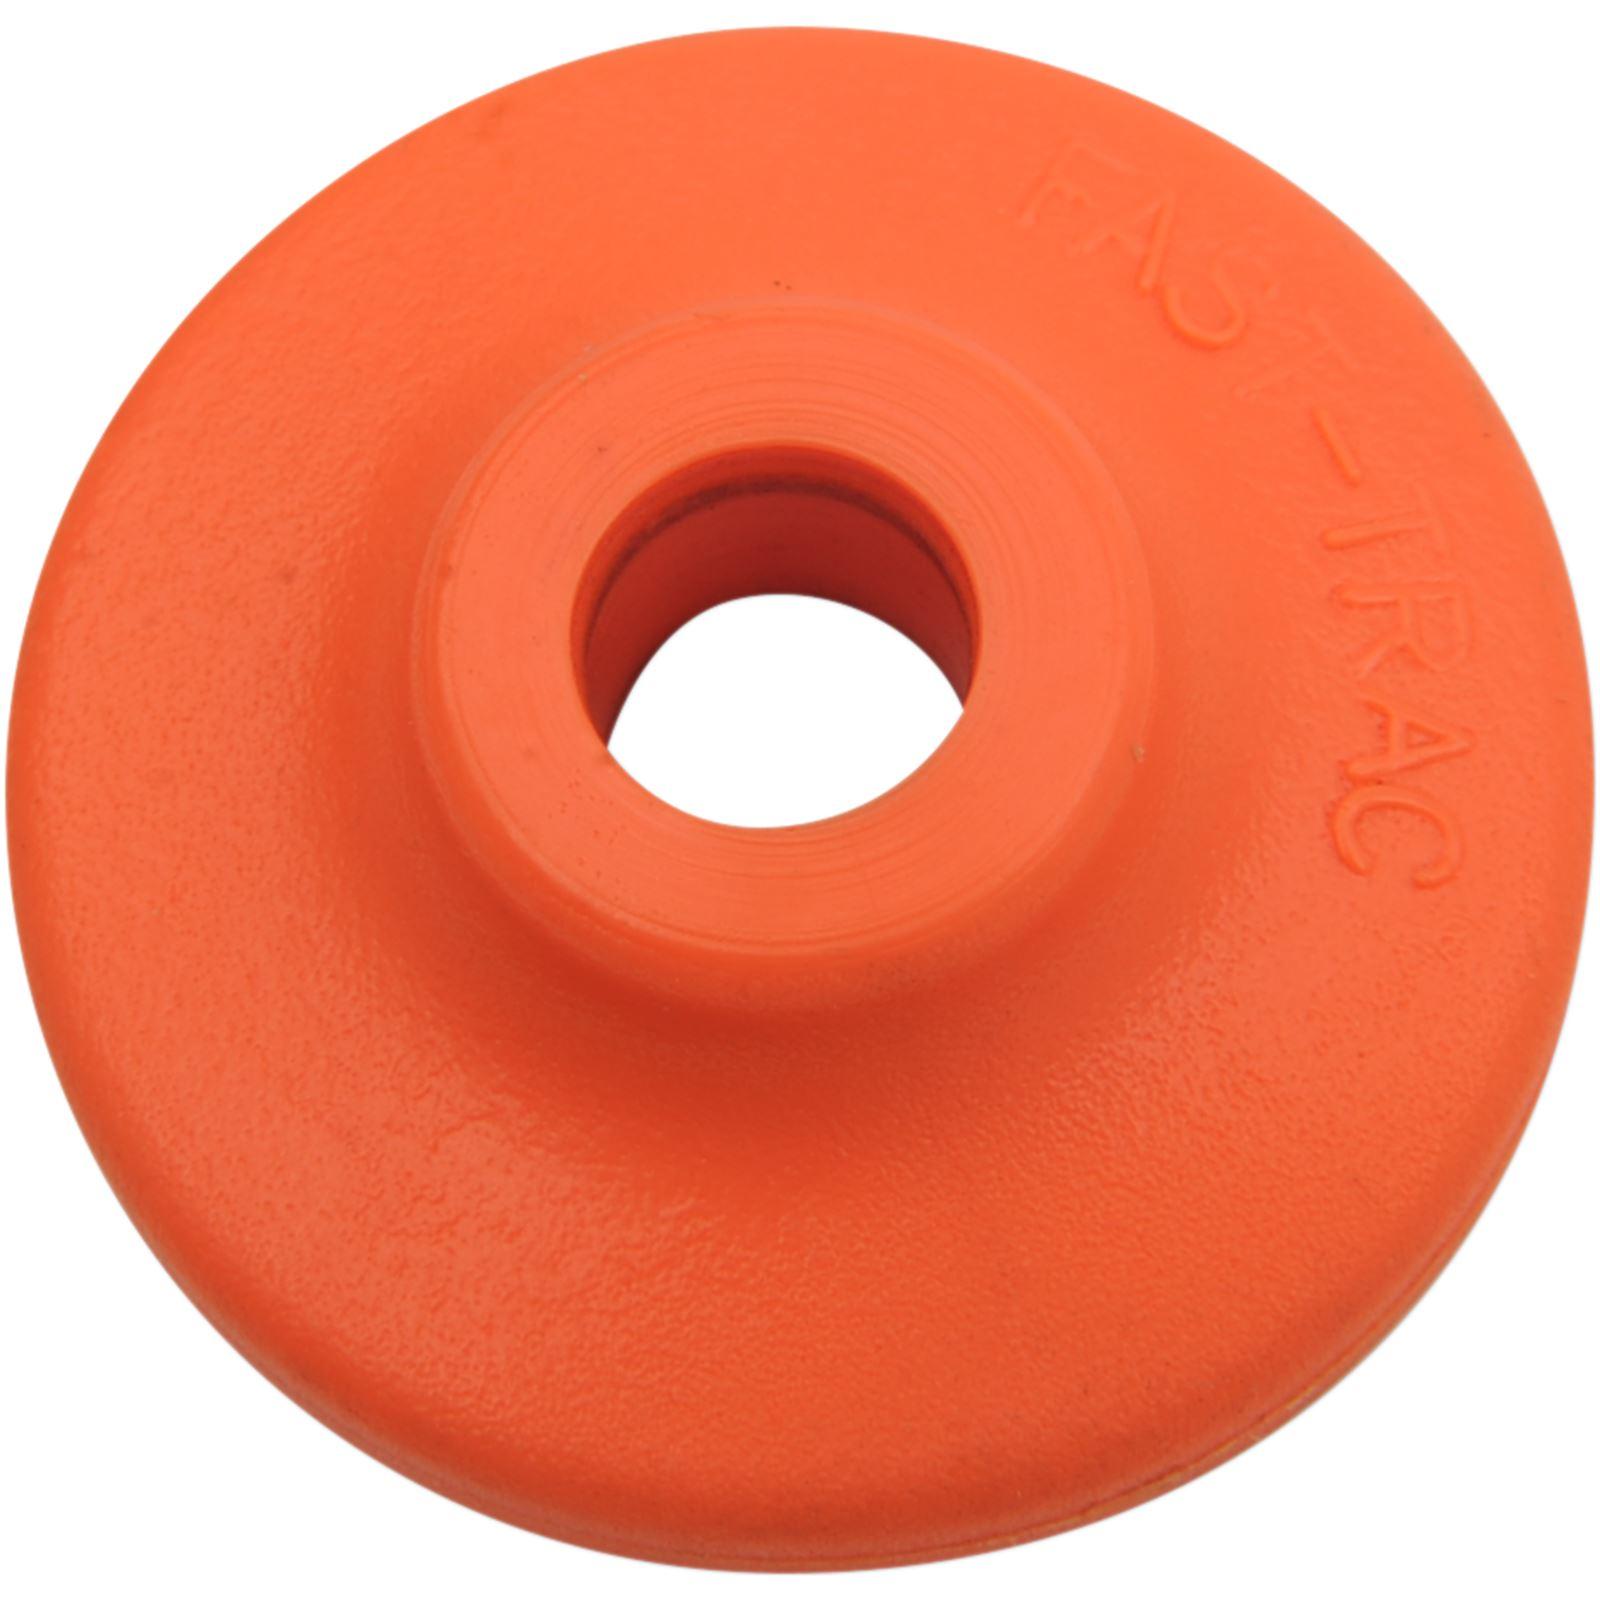 Fast-Trac Extra Large Backer Plates - Orange - Round - 96/Pack